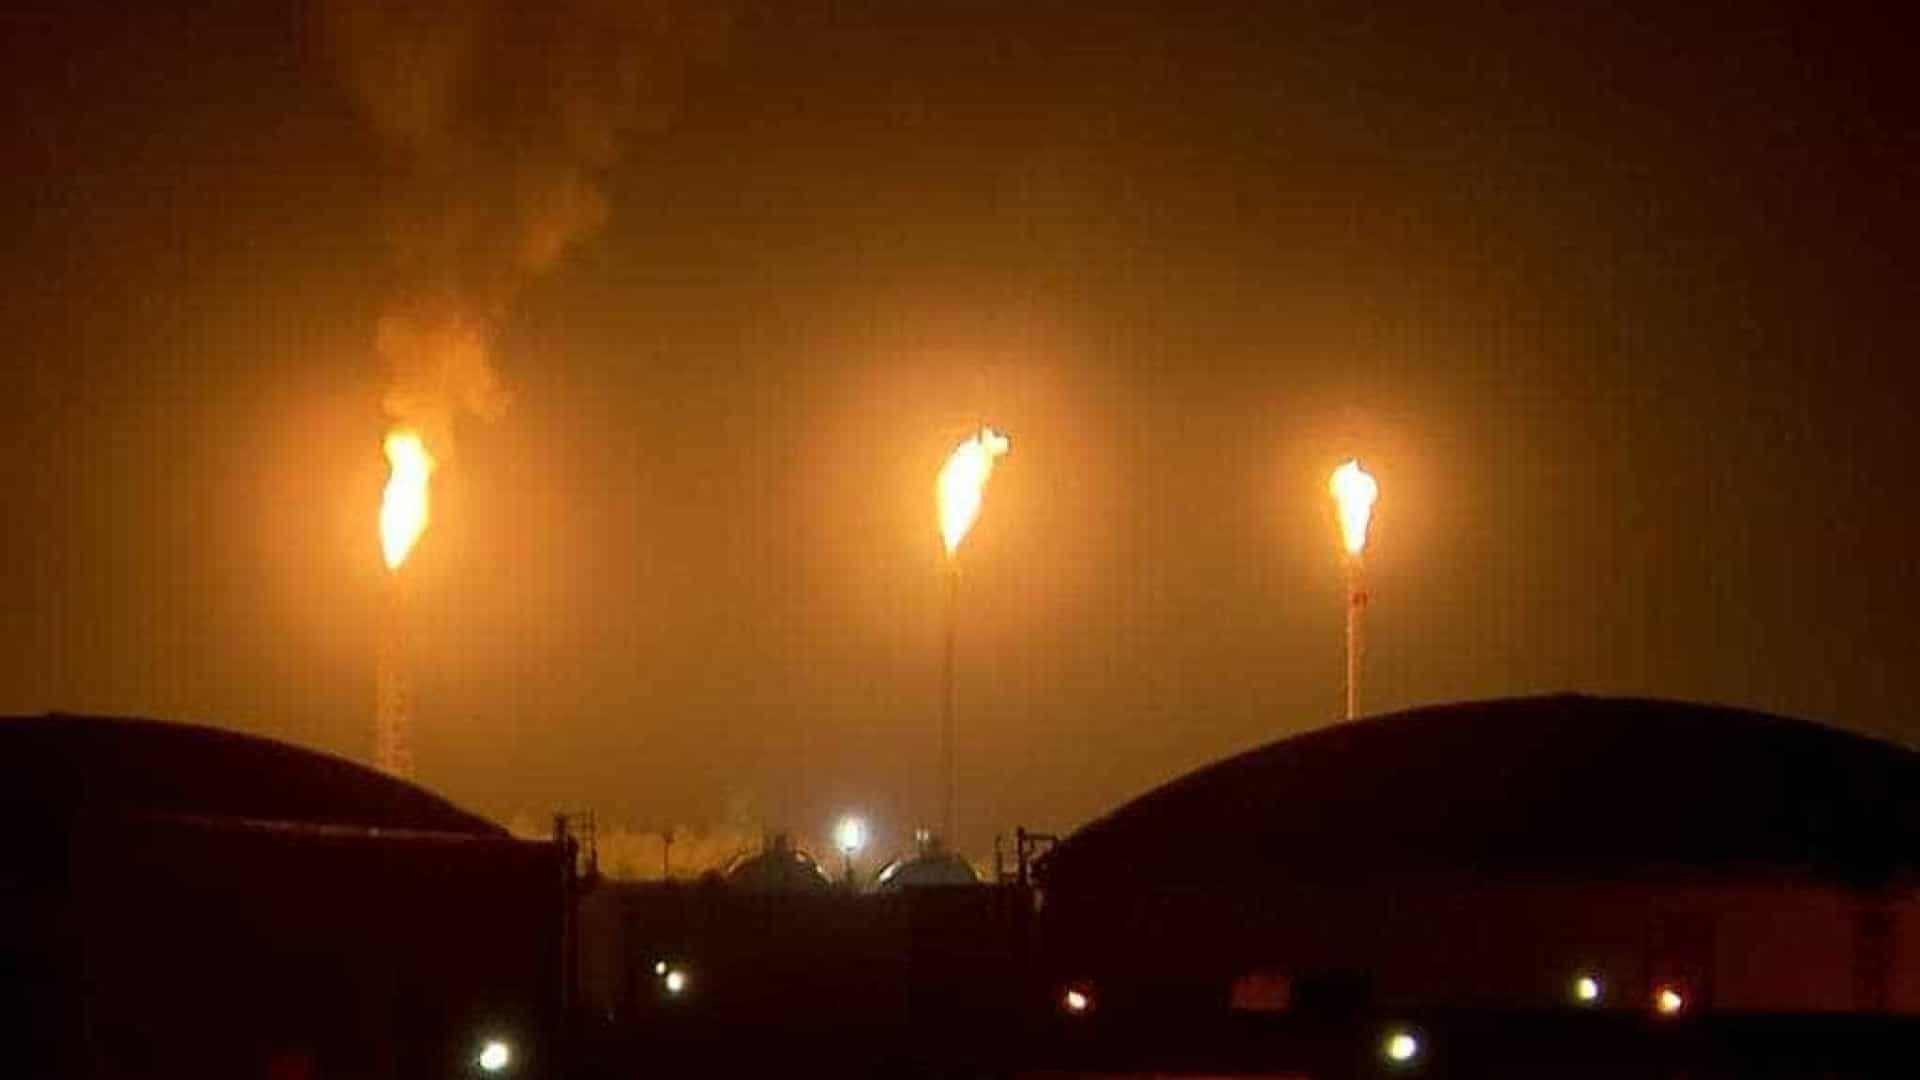 Incêndio atinge refinaria da Petrobras em São Paulo